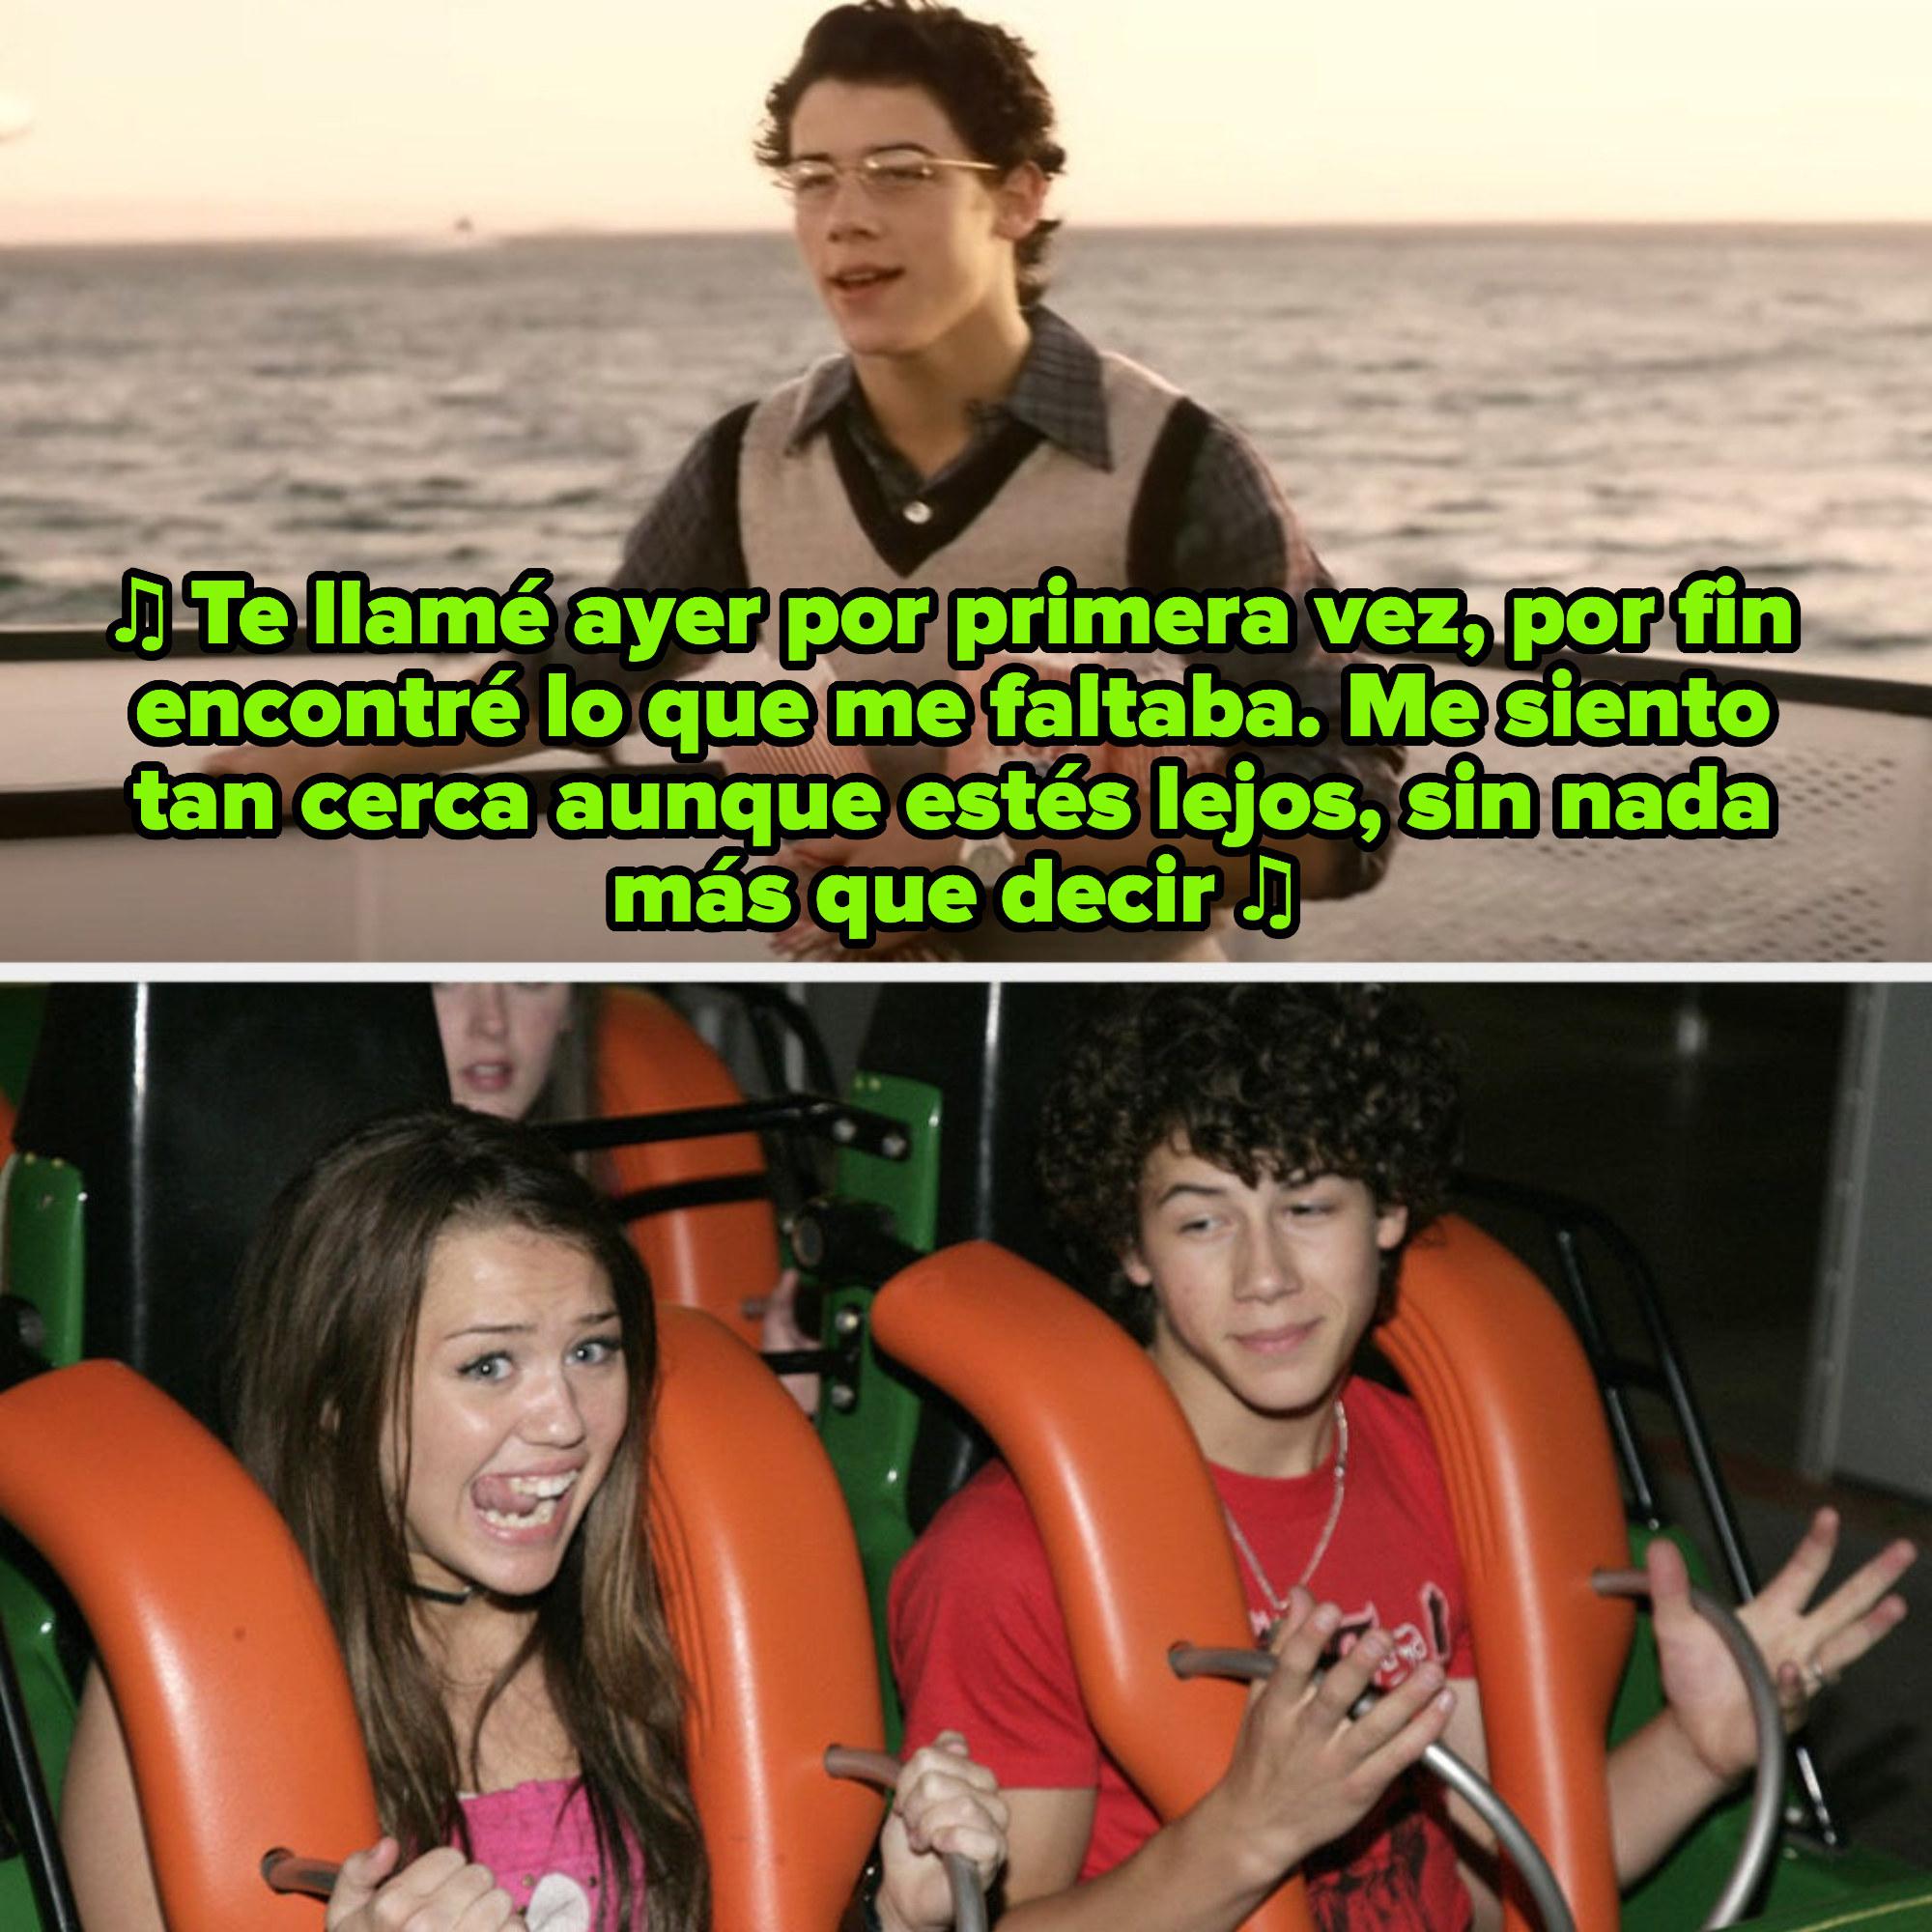 """Nick Jonas en el video musical de """"Lovebug"""" de los Jonas Brothers ; Miley Cyrus y Nick Jonas en una montaña rusa de Six Flags a mediados de los 2000s"""